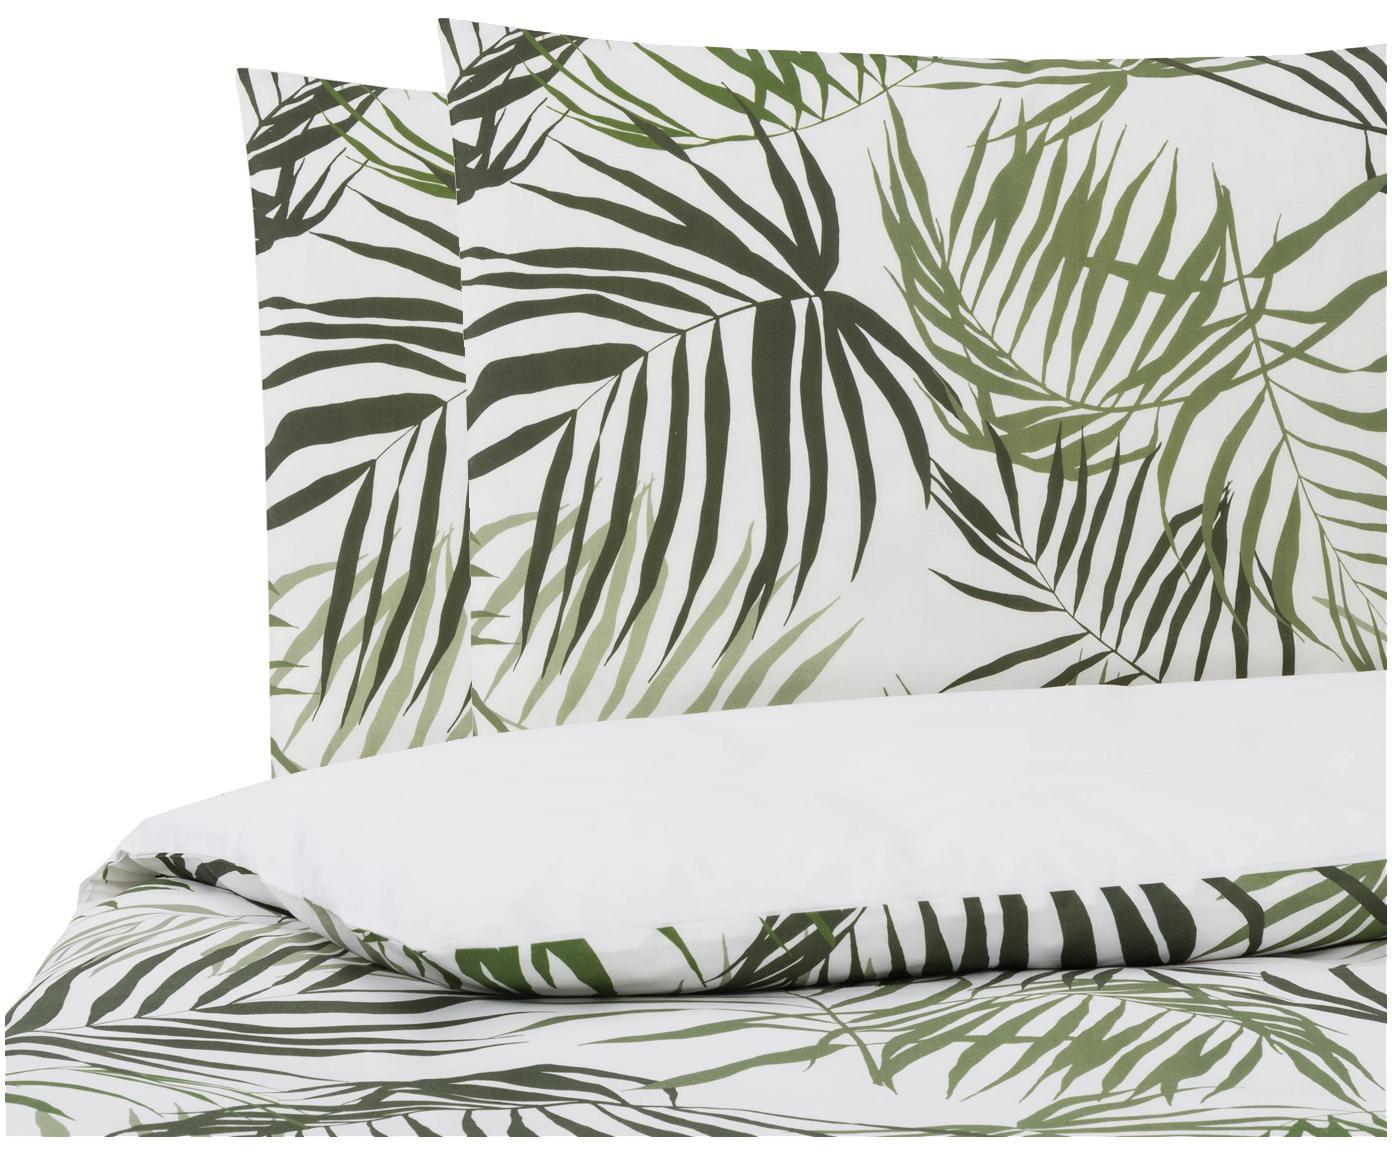 Dubbelzijdig dekbedovertrek Dalor, Katoen, Bovenzijde: groen, wit. Onderzijde: wit, 240 x 220 cm